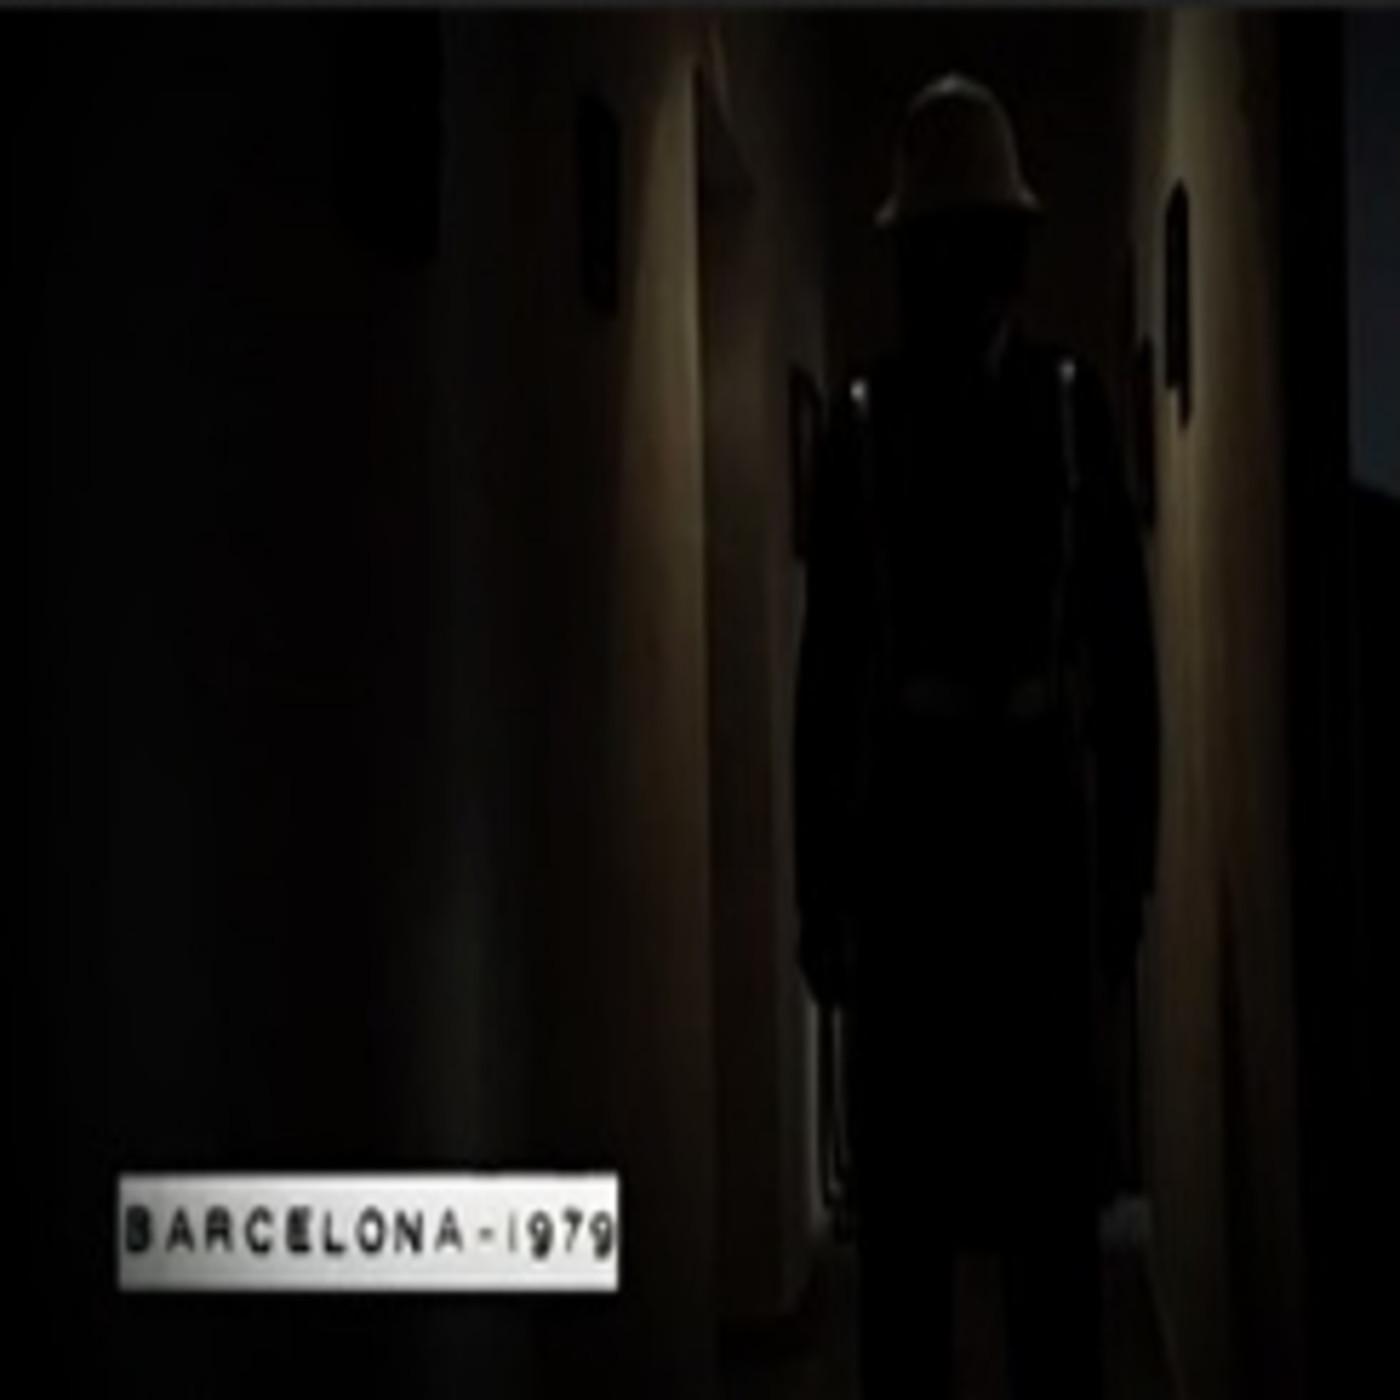 Cuarto milenio: Barcelona 1979 Informe Poltergeist (2010)